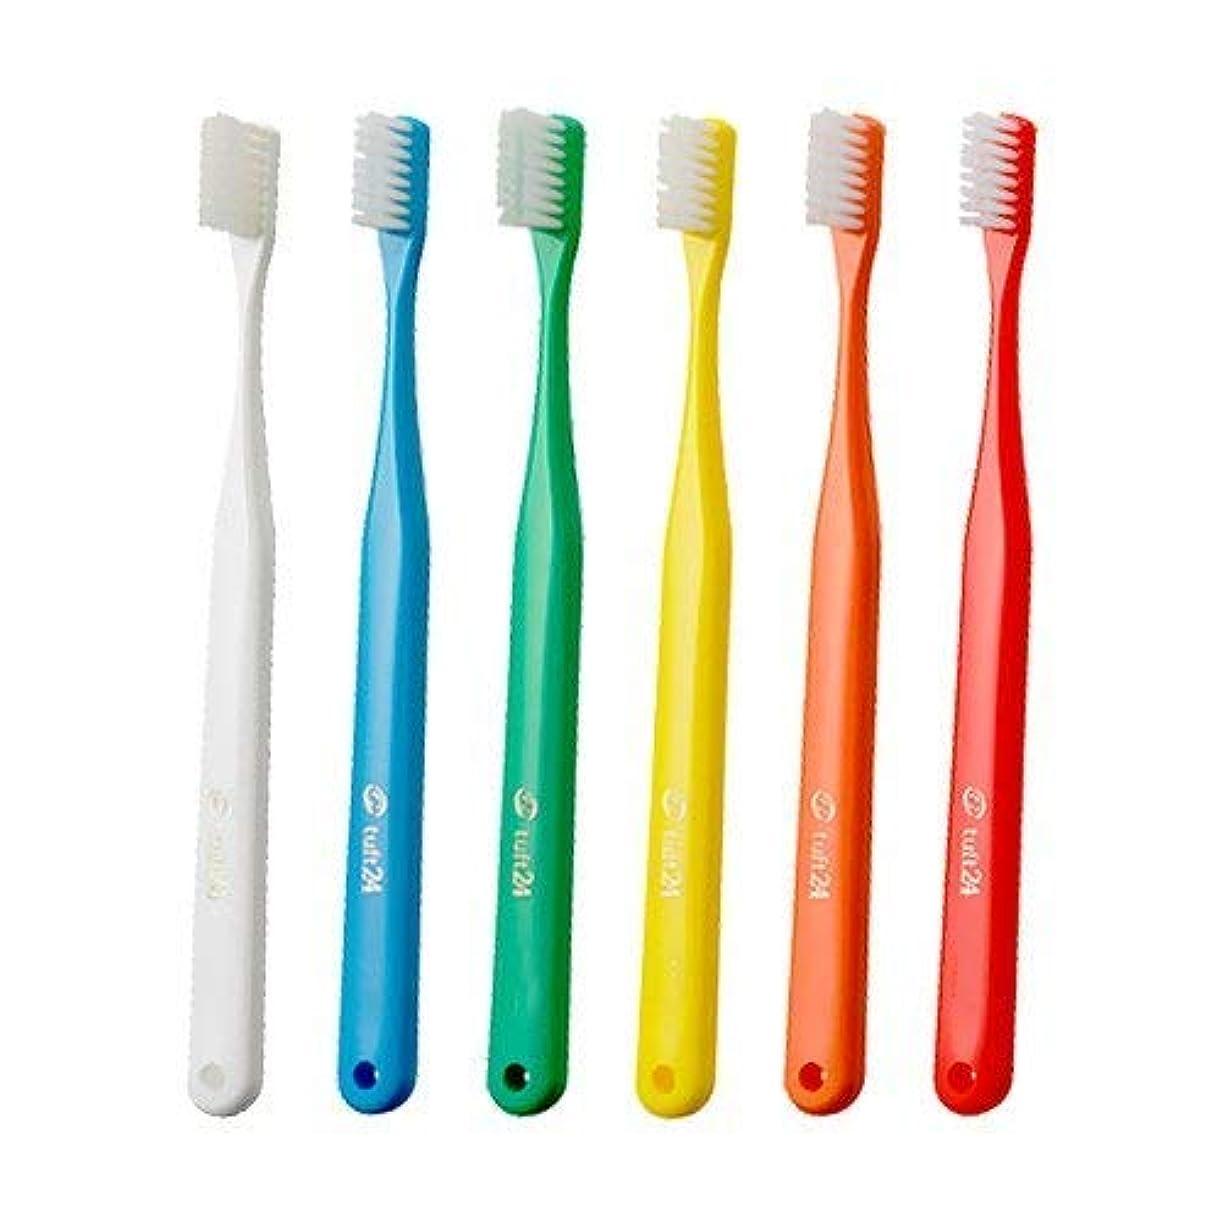 人差し指豊かなのれんオーラルケア キャップなし タフト24 歯ブラシ × 10本 (S)